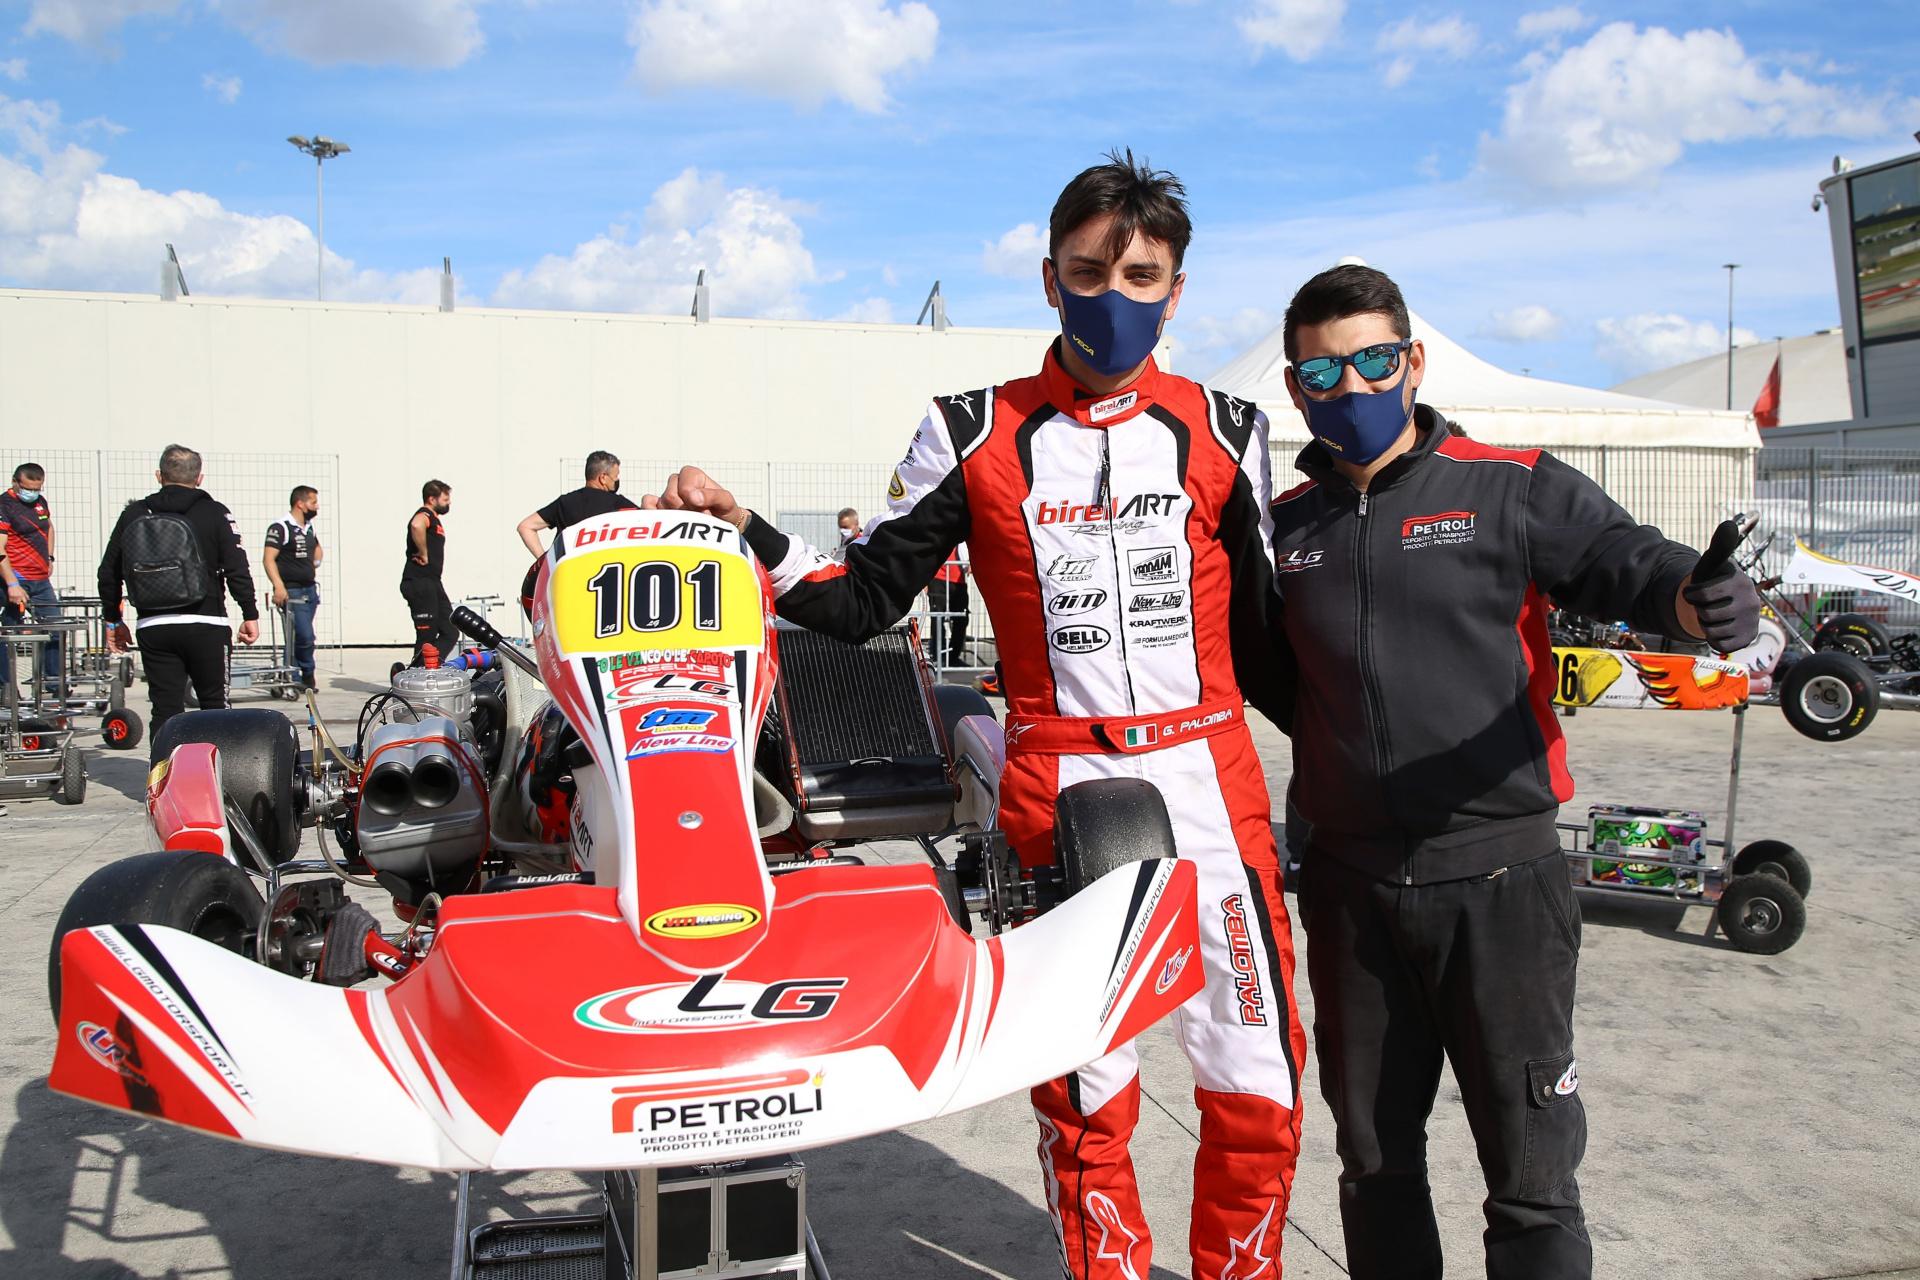 Campionato Italiano ACI Karting a Siena per il giro di boa